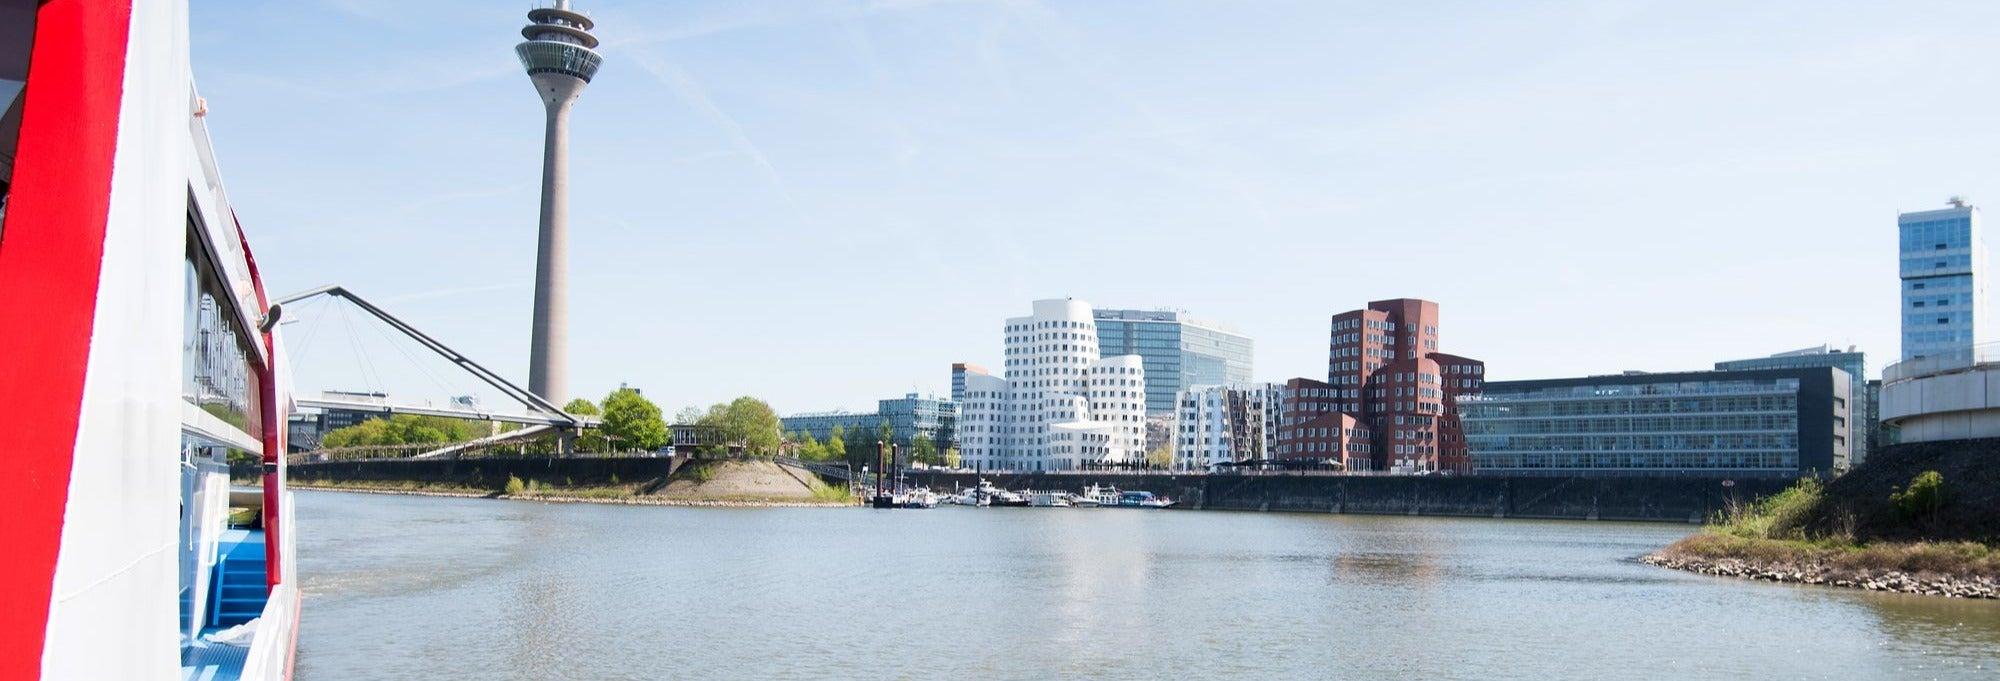 Giro in barca a Düsseldorf